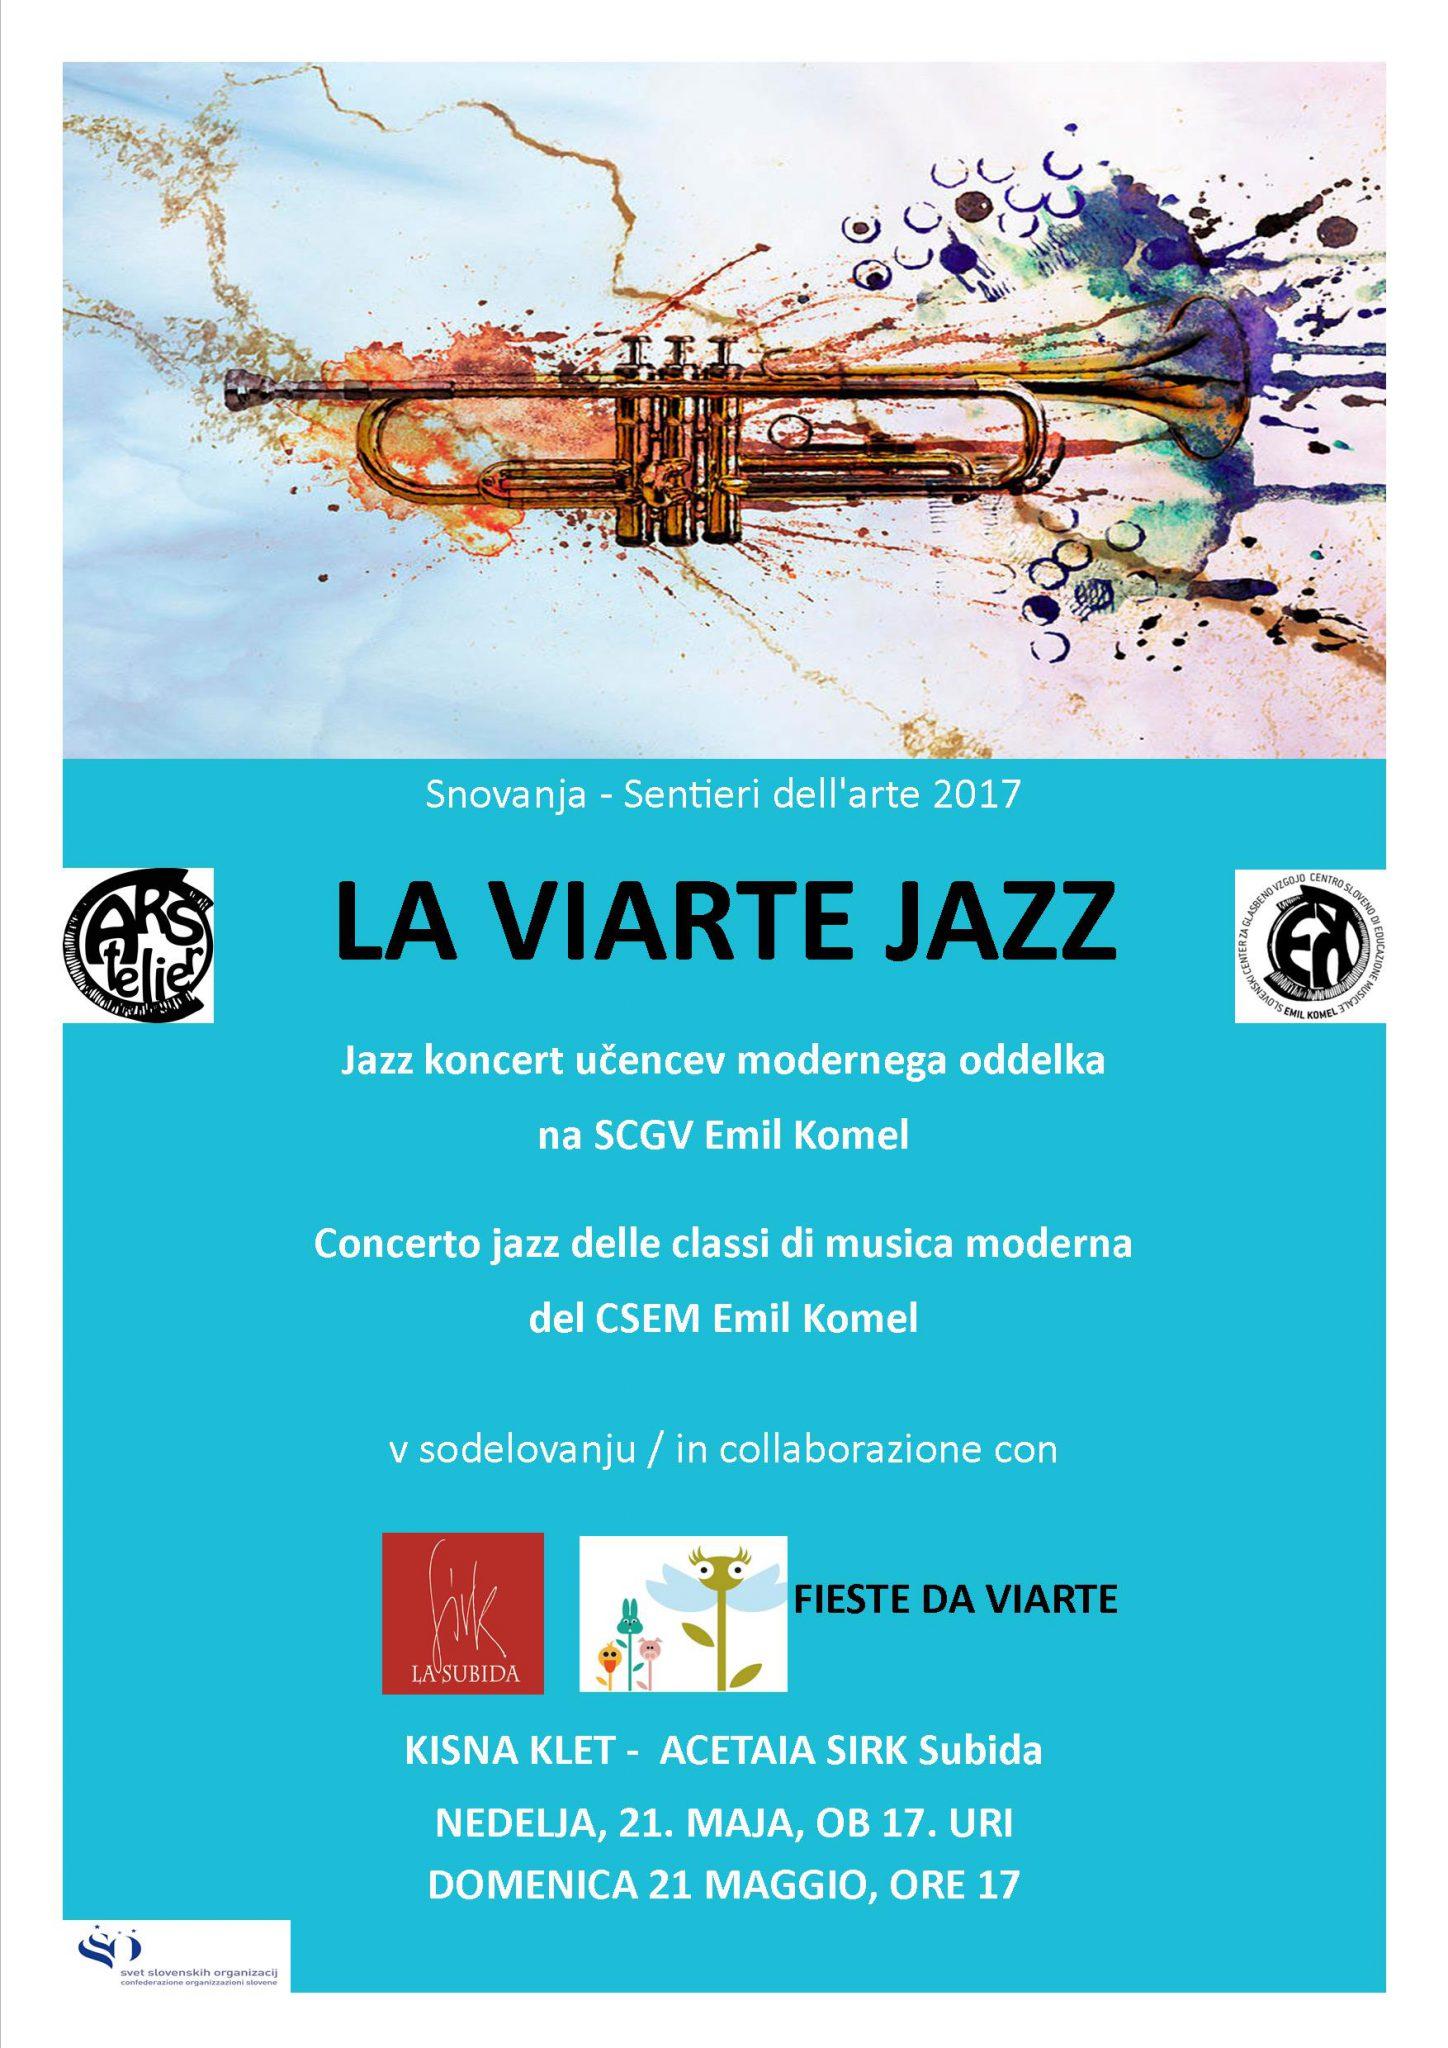 La Viarte jazz A3